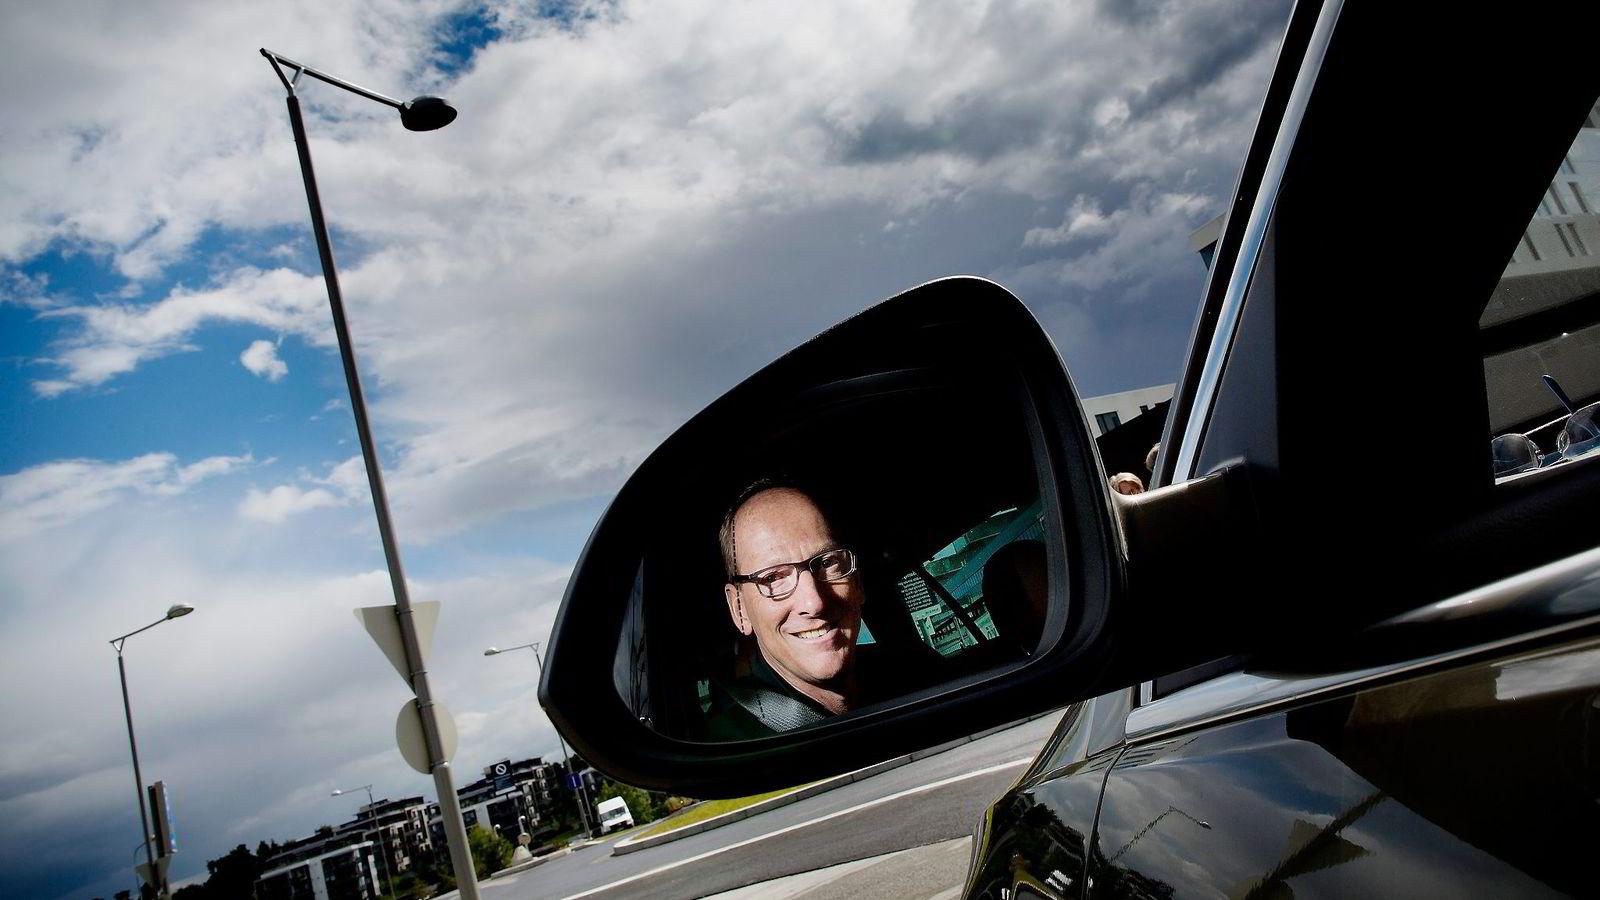 PÅ NORGESBESØK. – Jeg tror vi kan bli lønnsomme innen 2015, sier Opel-sjef Karl-Thomas Neumann. Foto: Tomm W. Christiansen